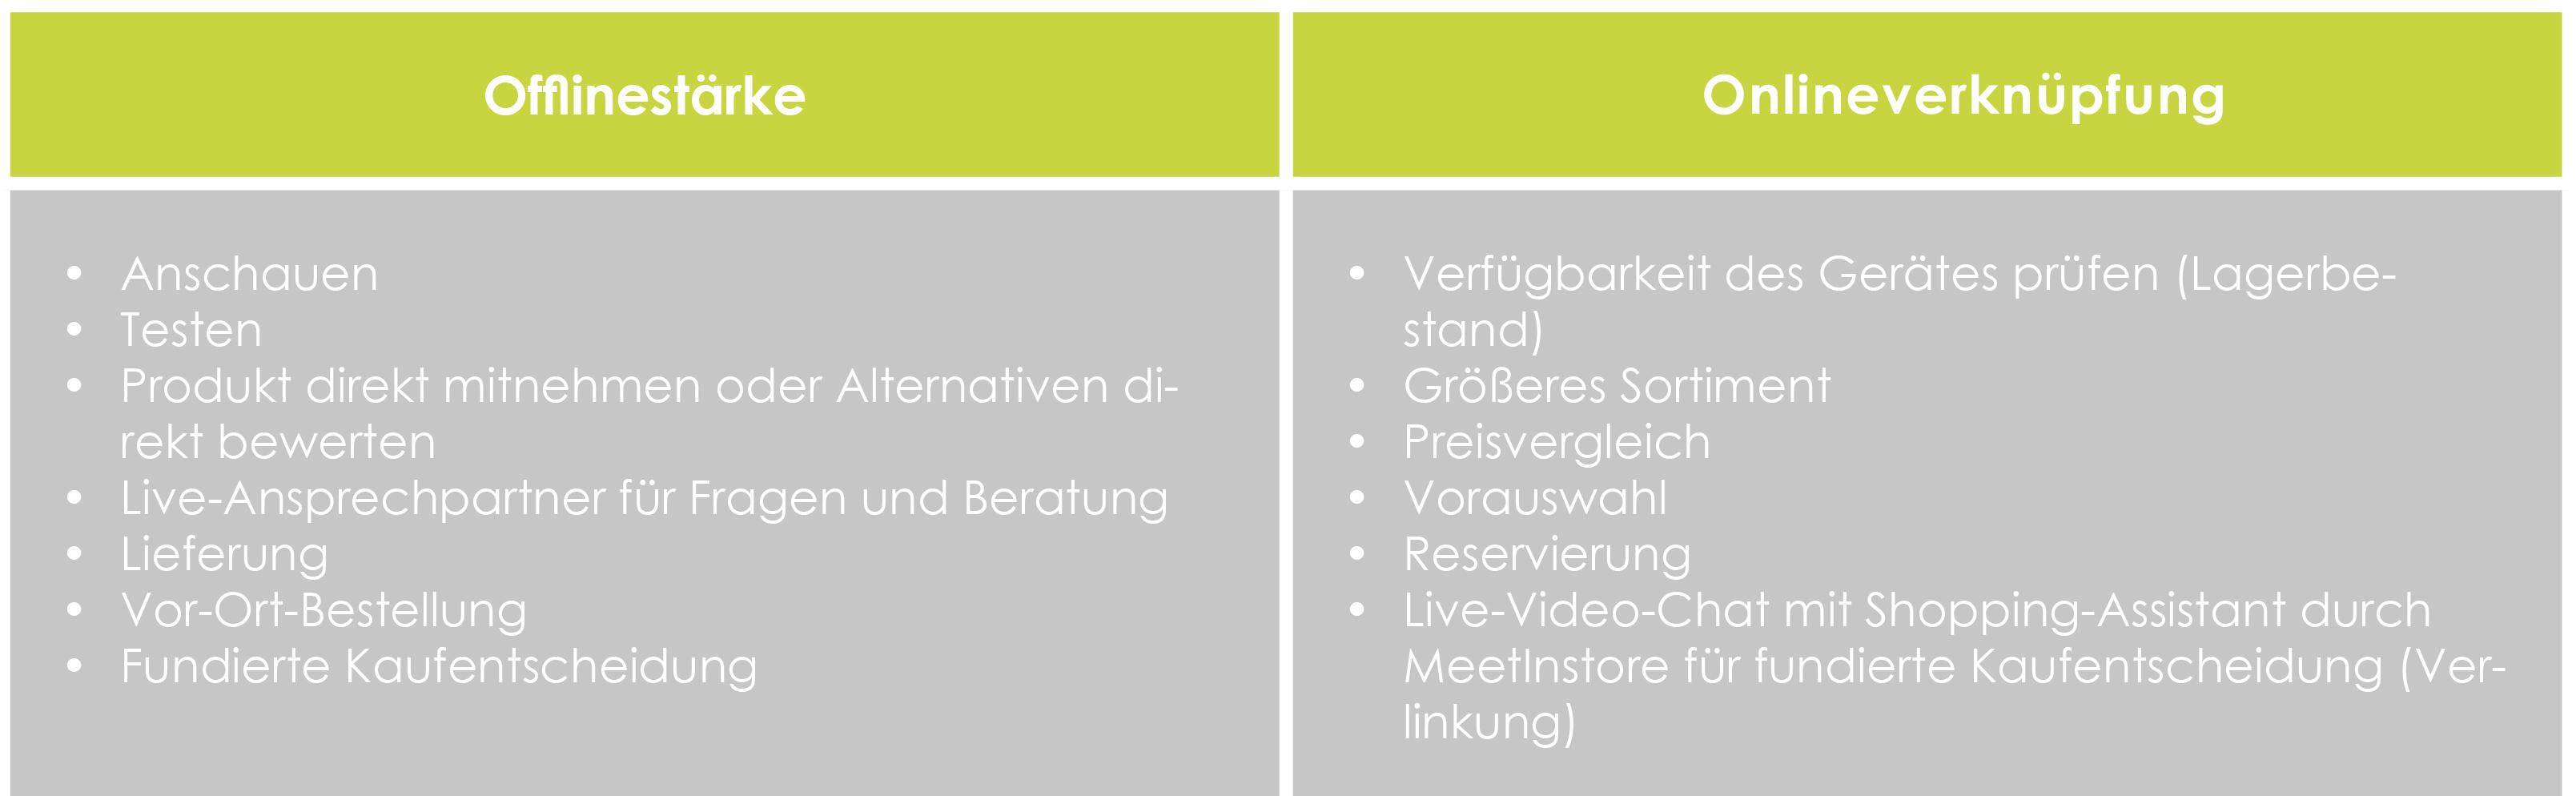 Offlinestärke und Onlineverknüpfung: Die virtuelle Regalverlängerung.